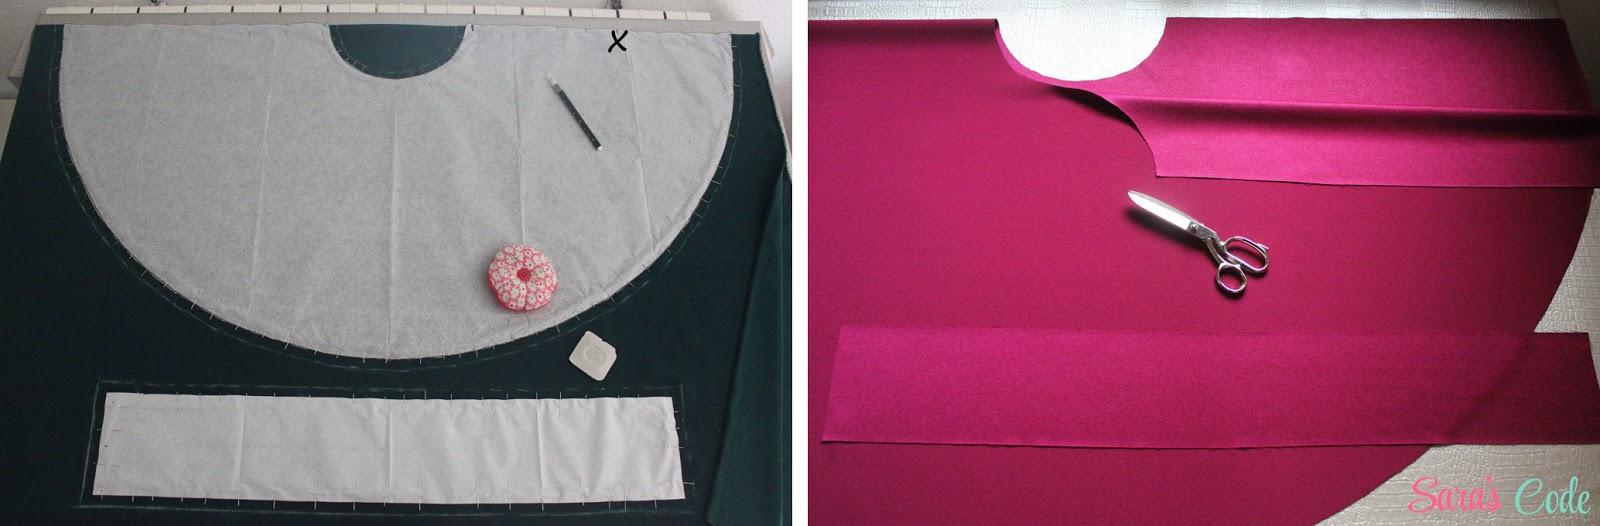 DIY Falda circular con vuelo (Parte I) ~ Sara's Code  Blog de Costura + DIY f380c15c7e85